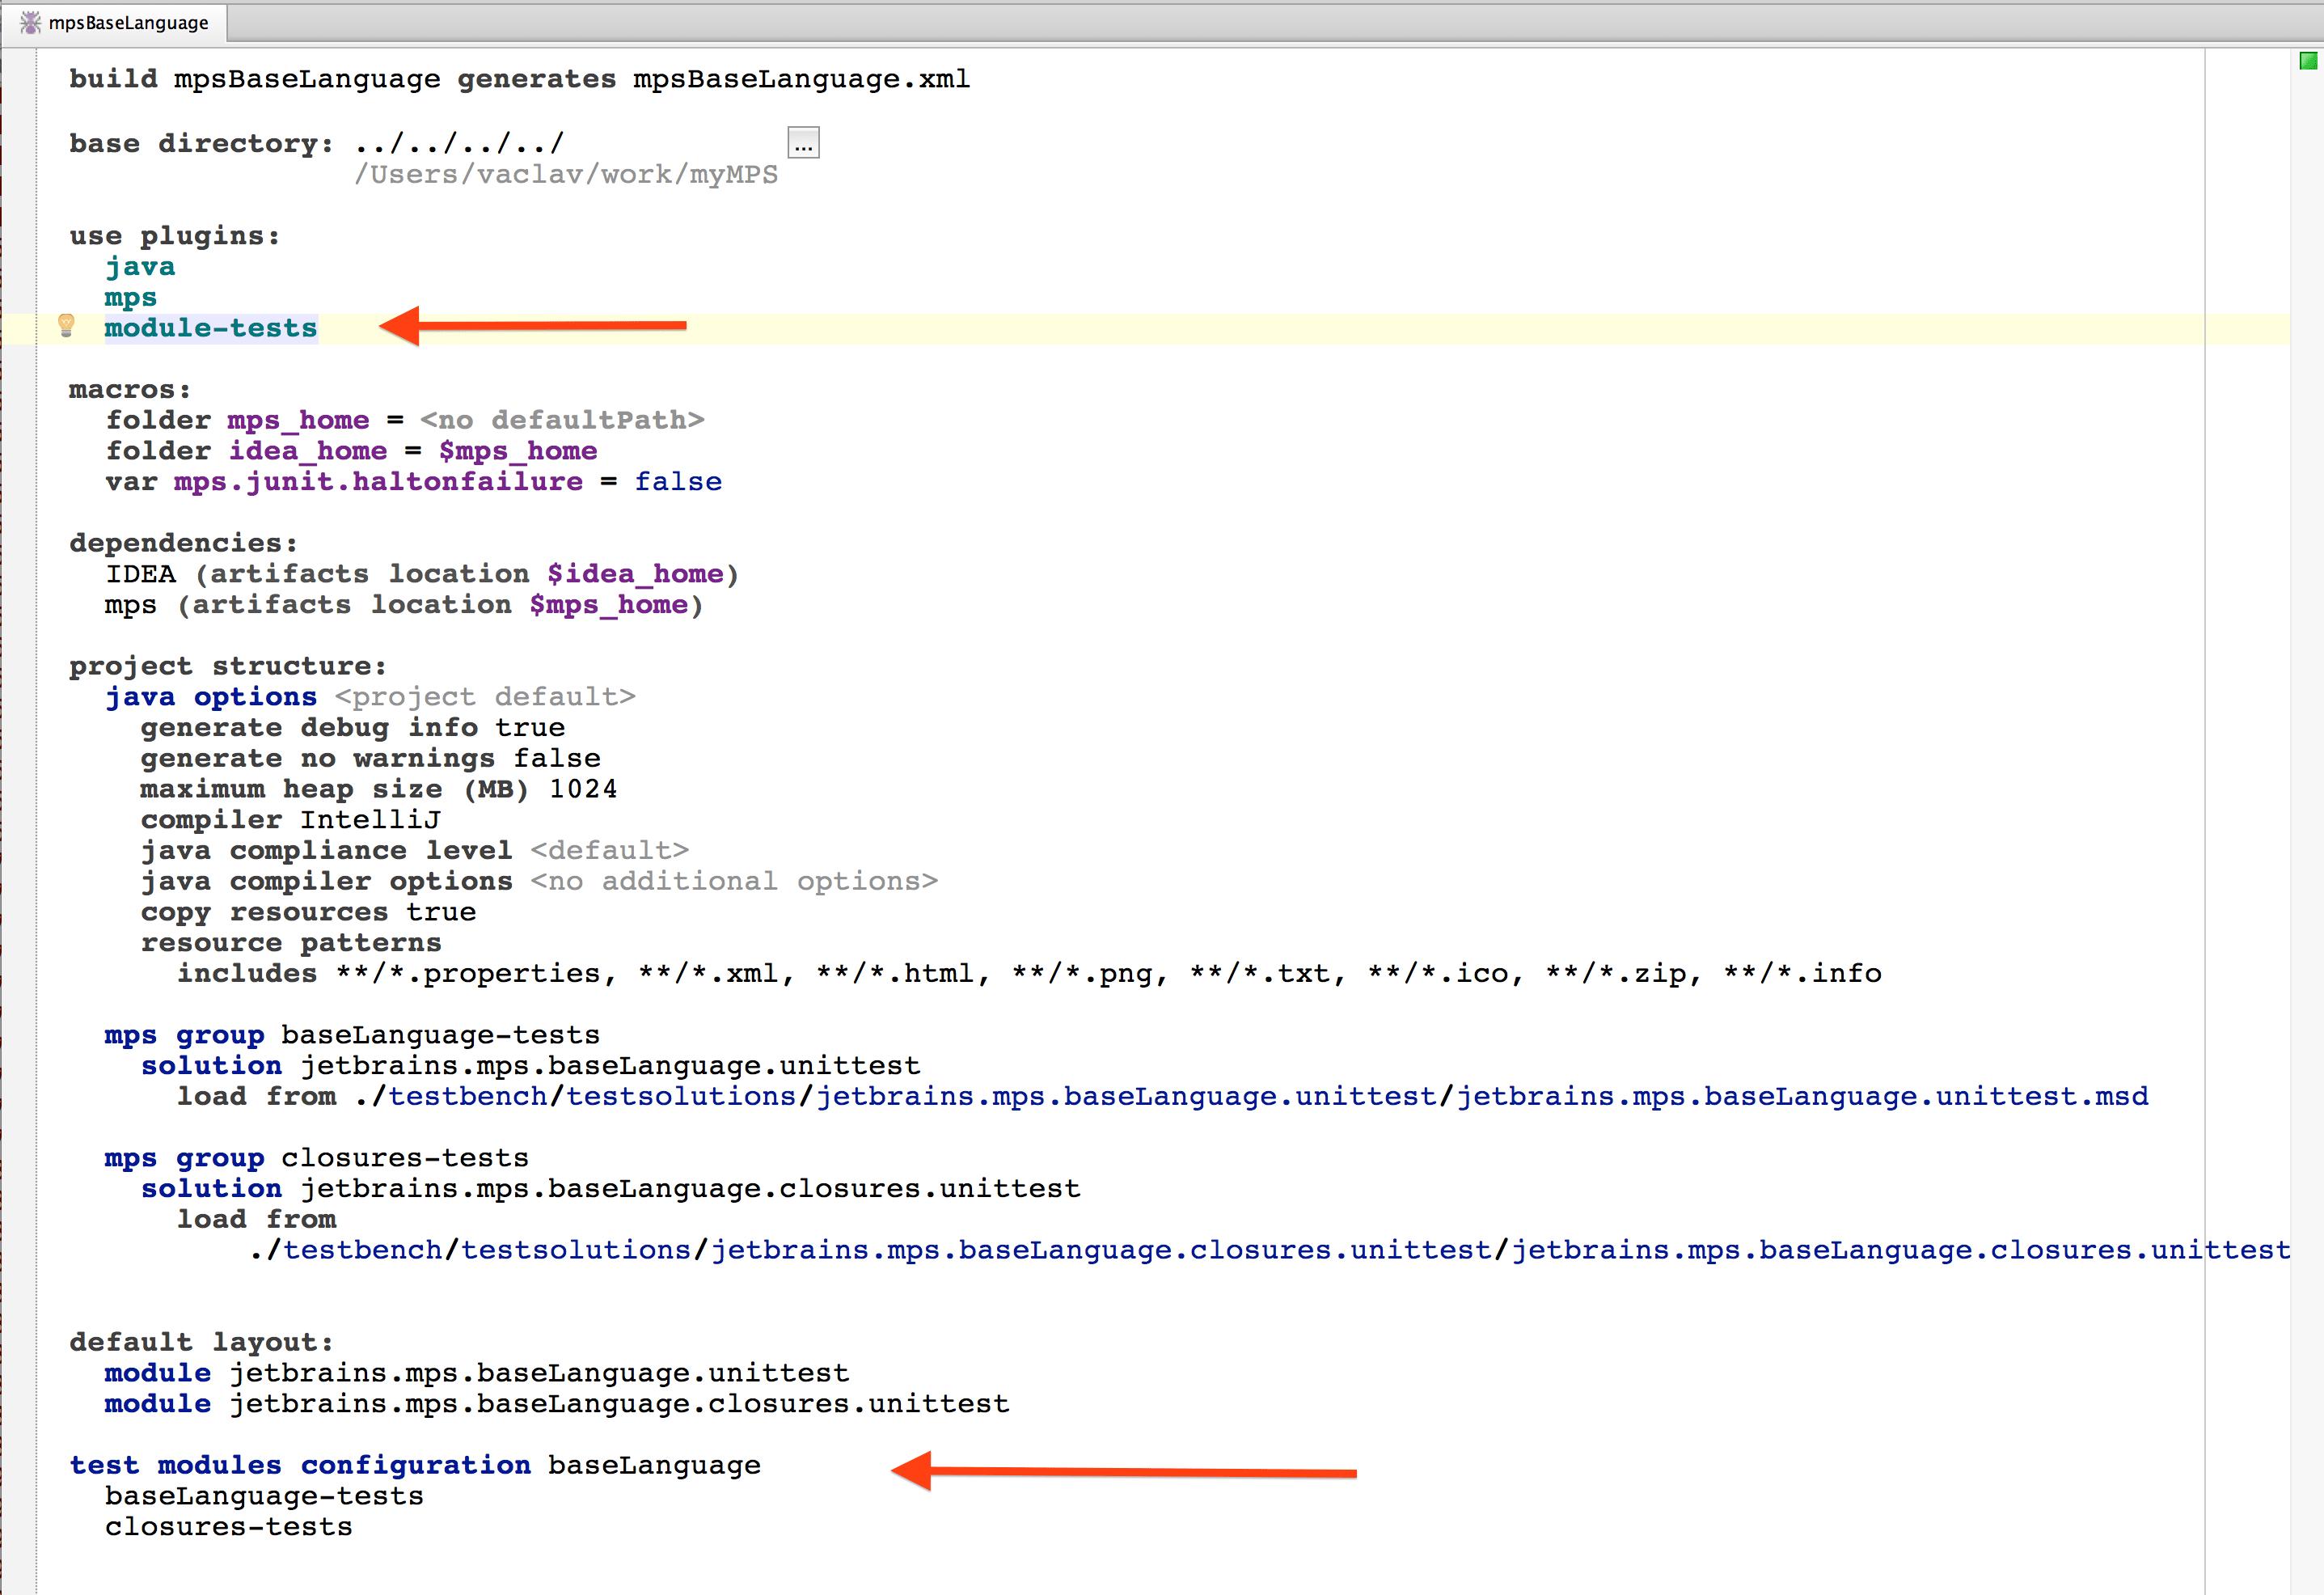 testScript1